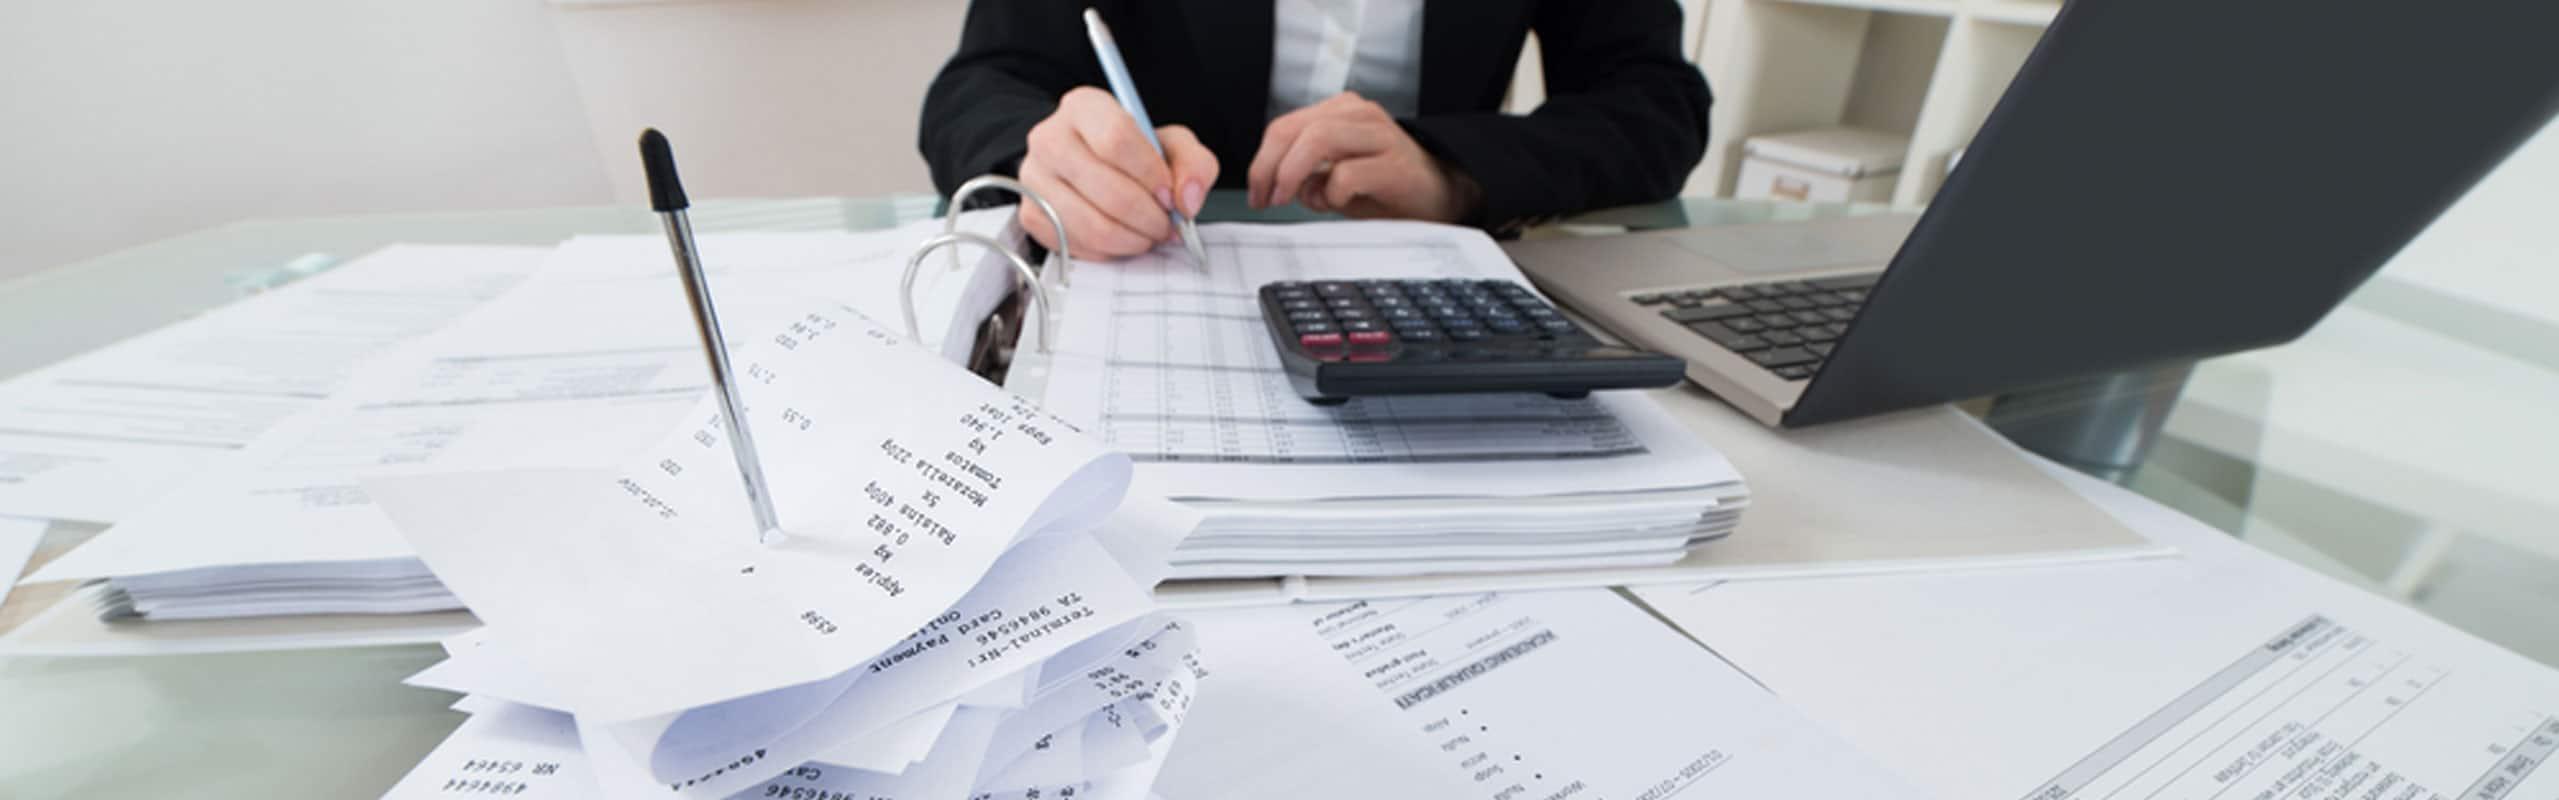 Descubre el factoring y las ventajas que presenta para las empresas